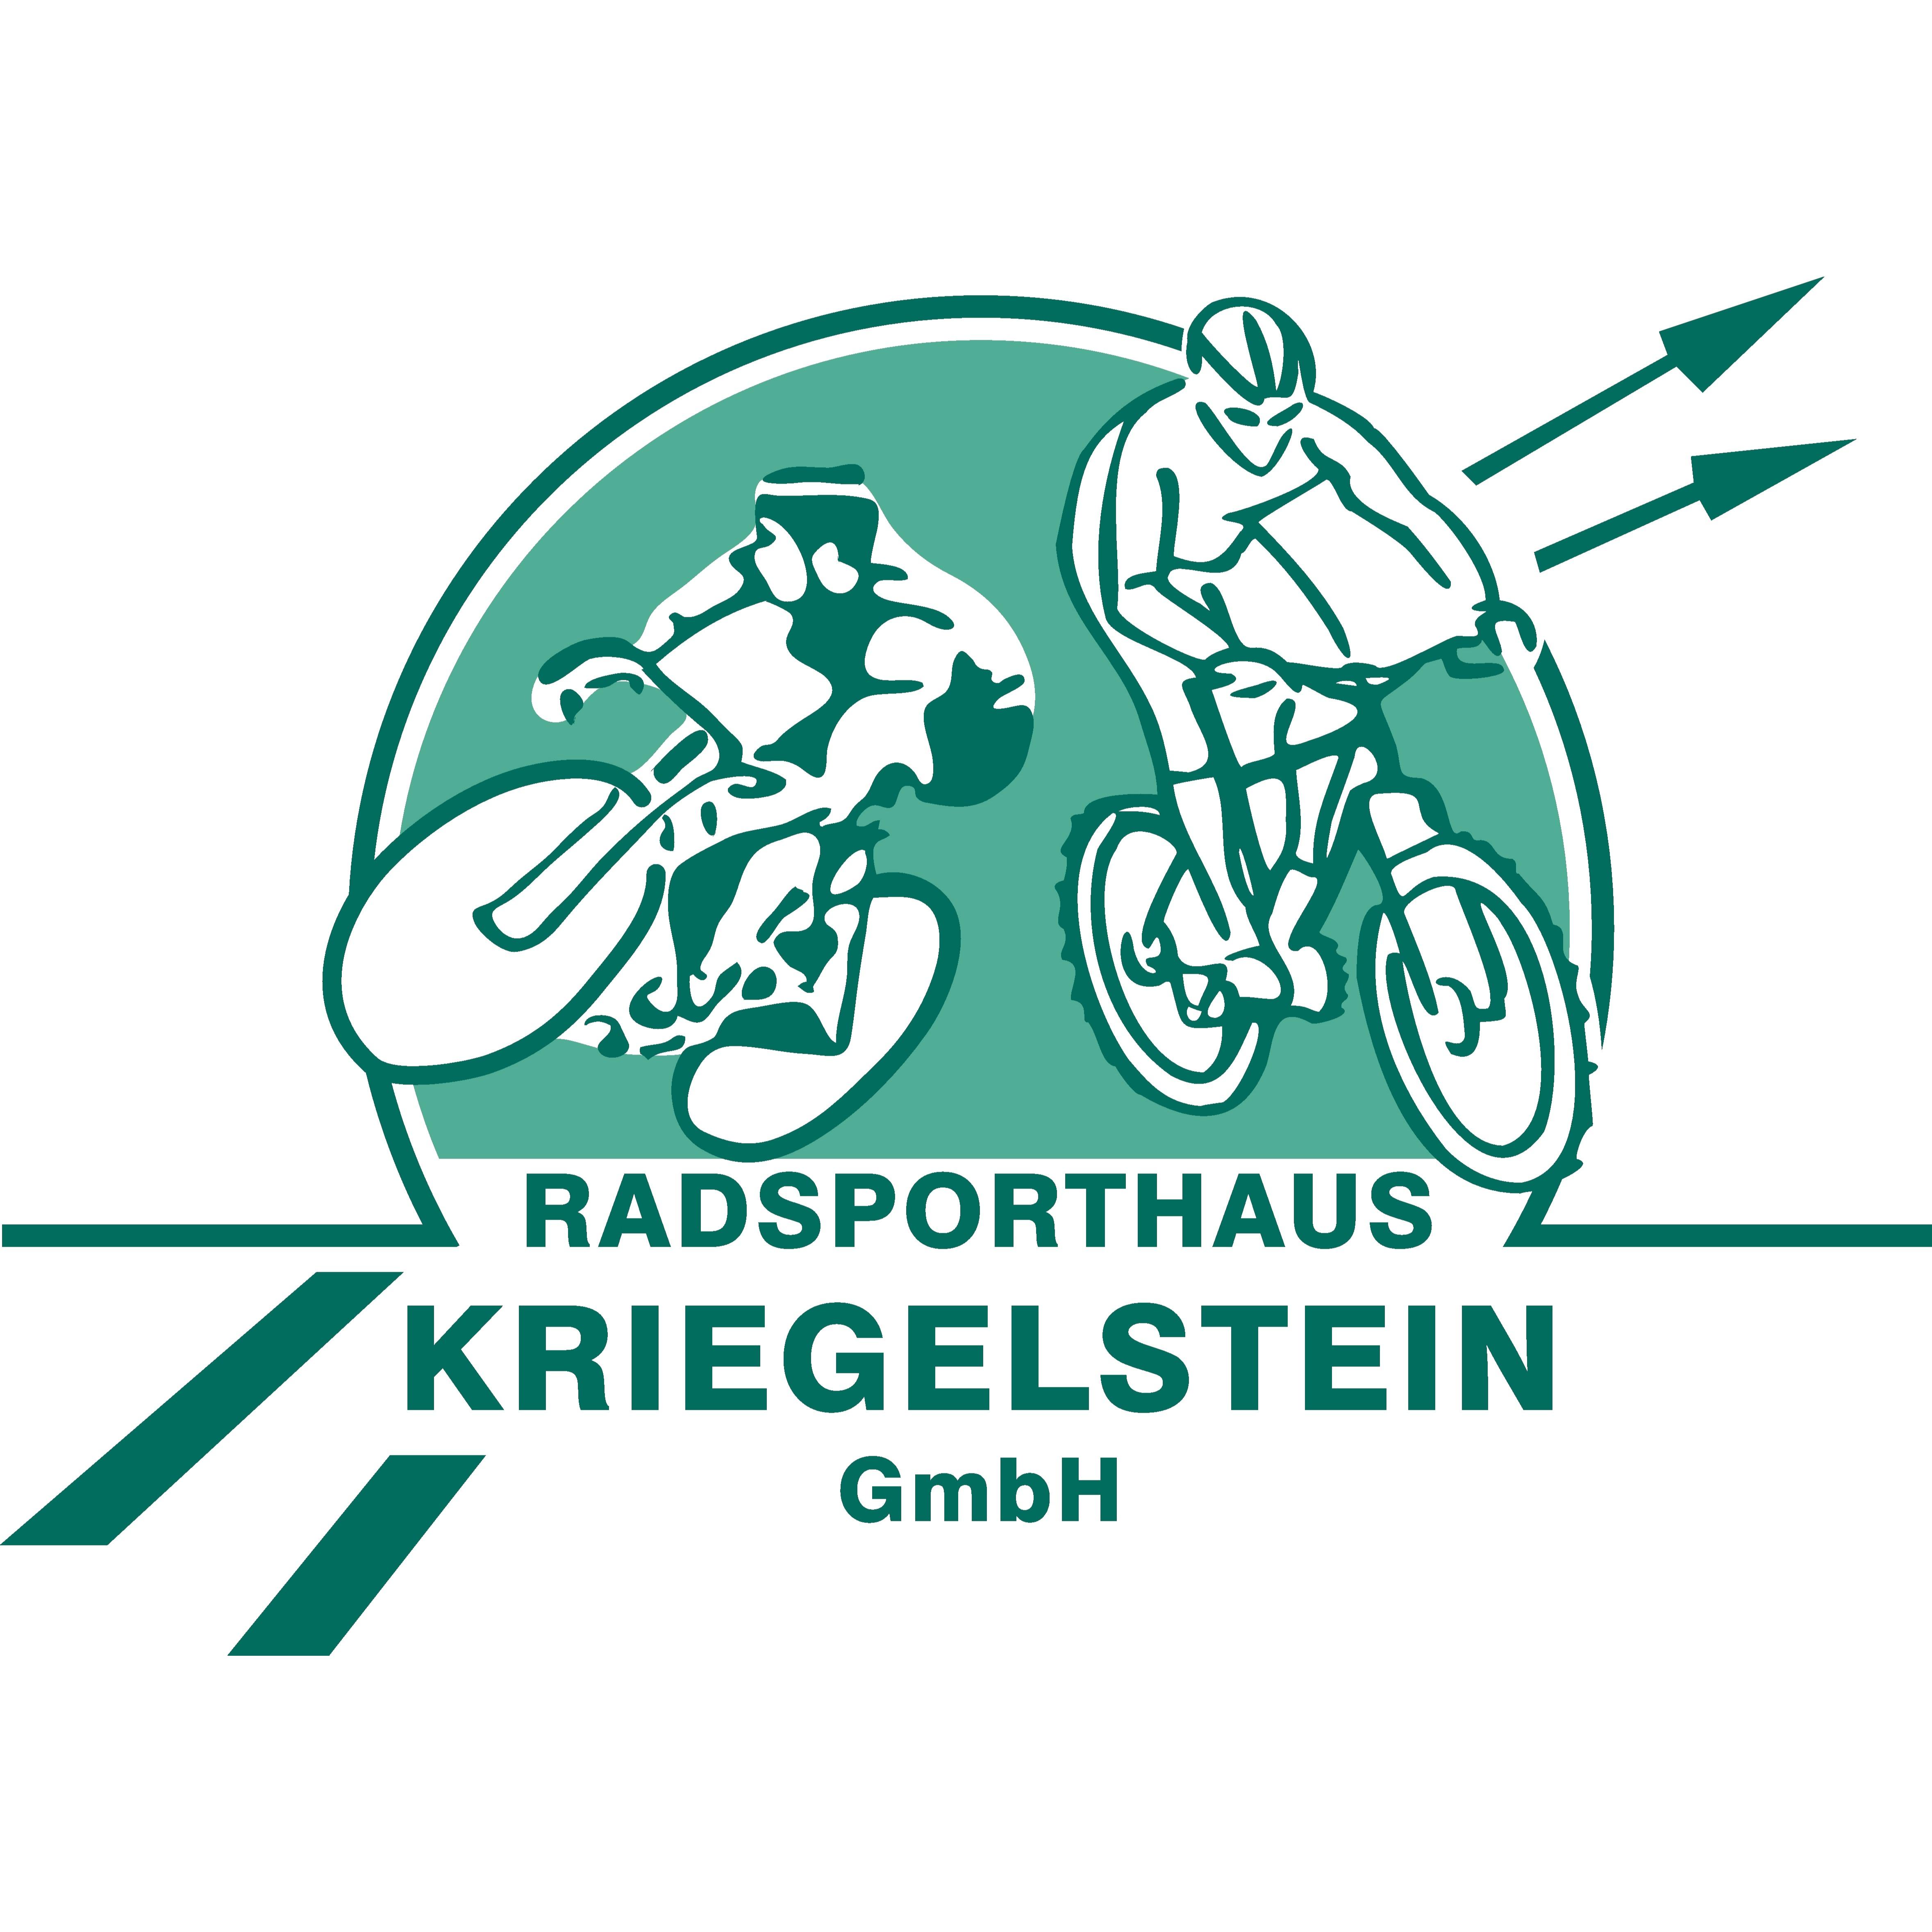 Bild zu Radsporthaus Kriegelstein GmbH in Frankfurt am Main